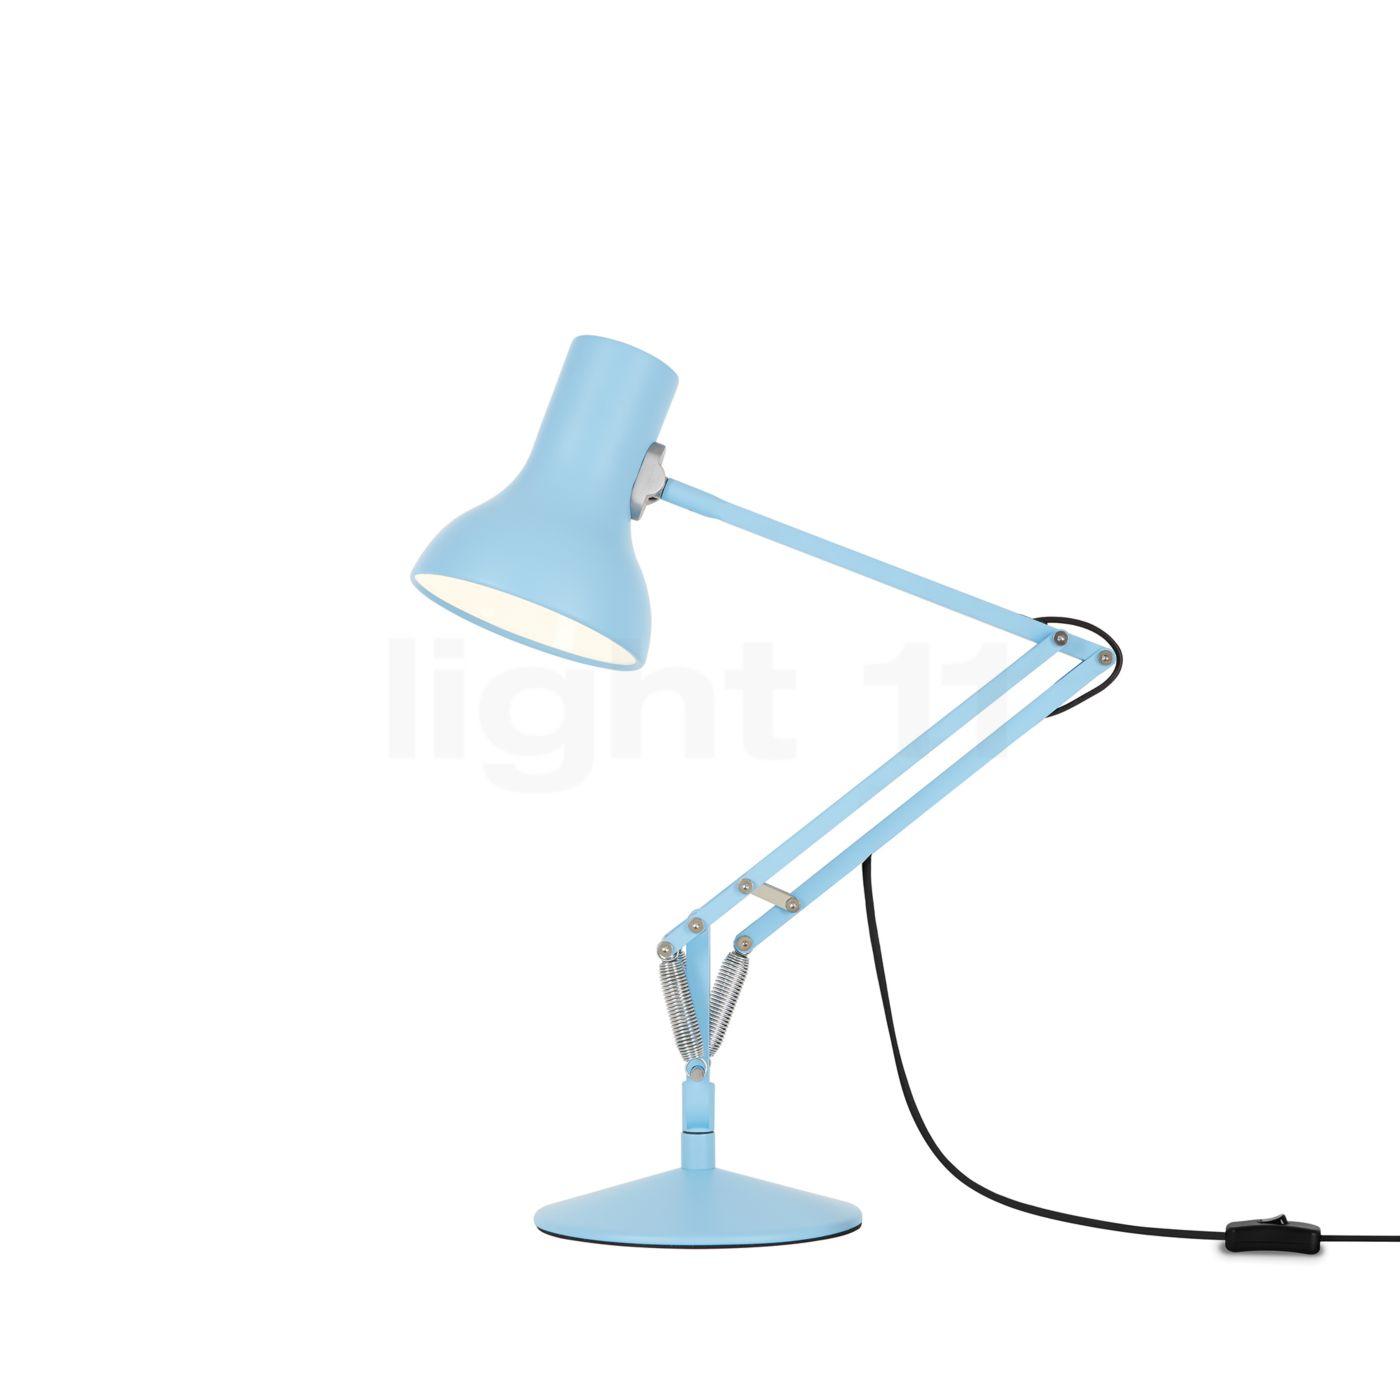 Anglepoise c type 75 mini lampe de bureau bleu - Lampe de bureau bleu ...